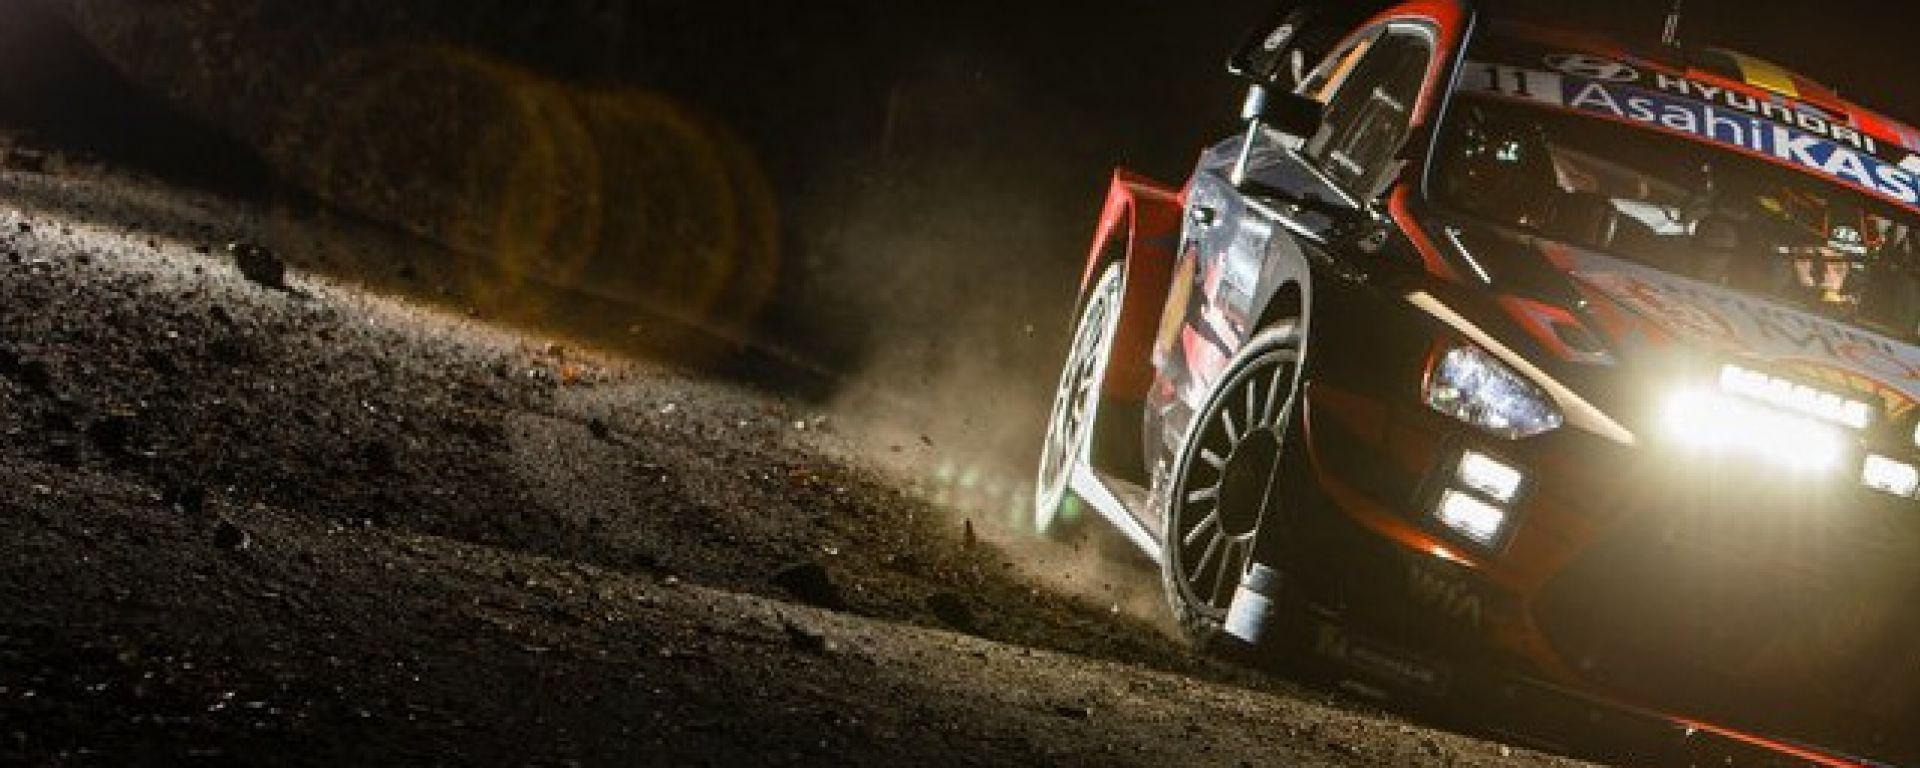 WRC, Rally Montecarlo 2020: Thierry Neuville (Hyundai) in azione nella PS2